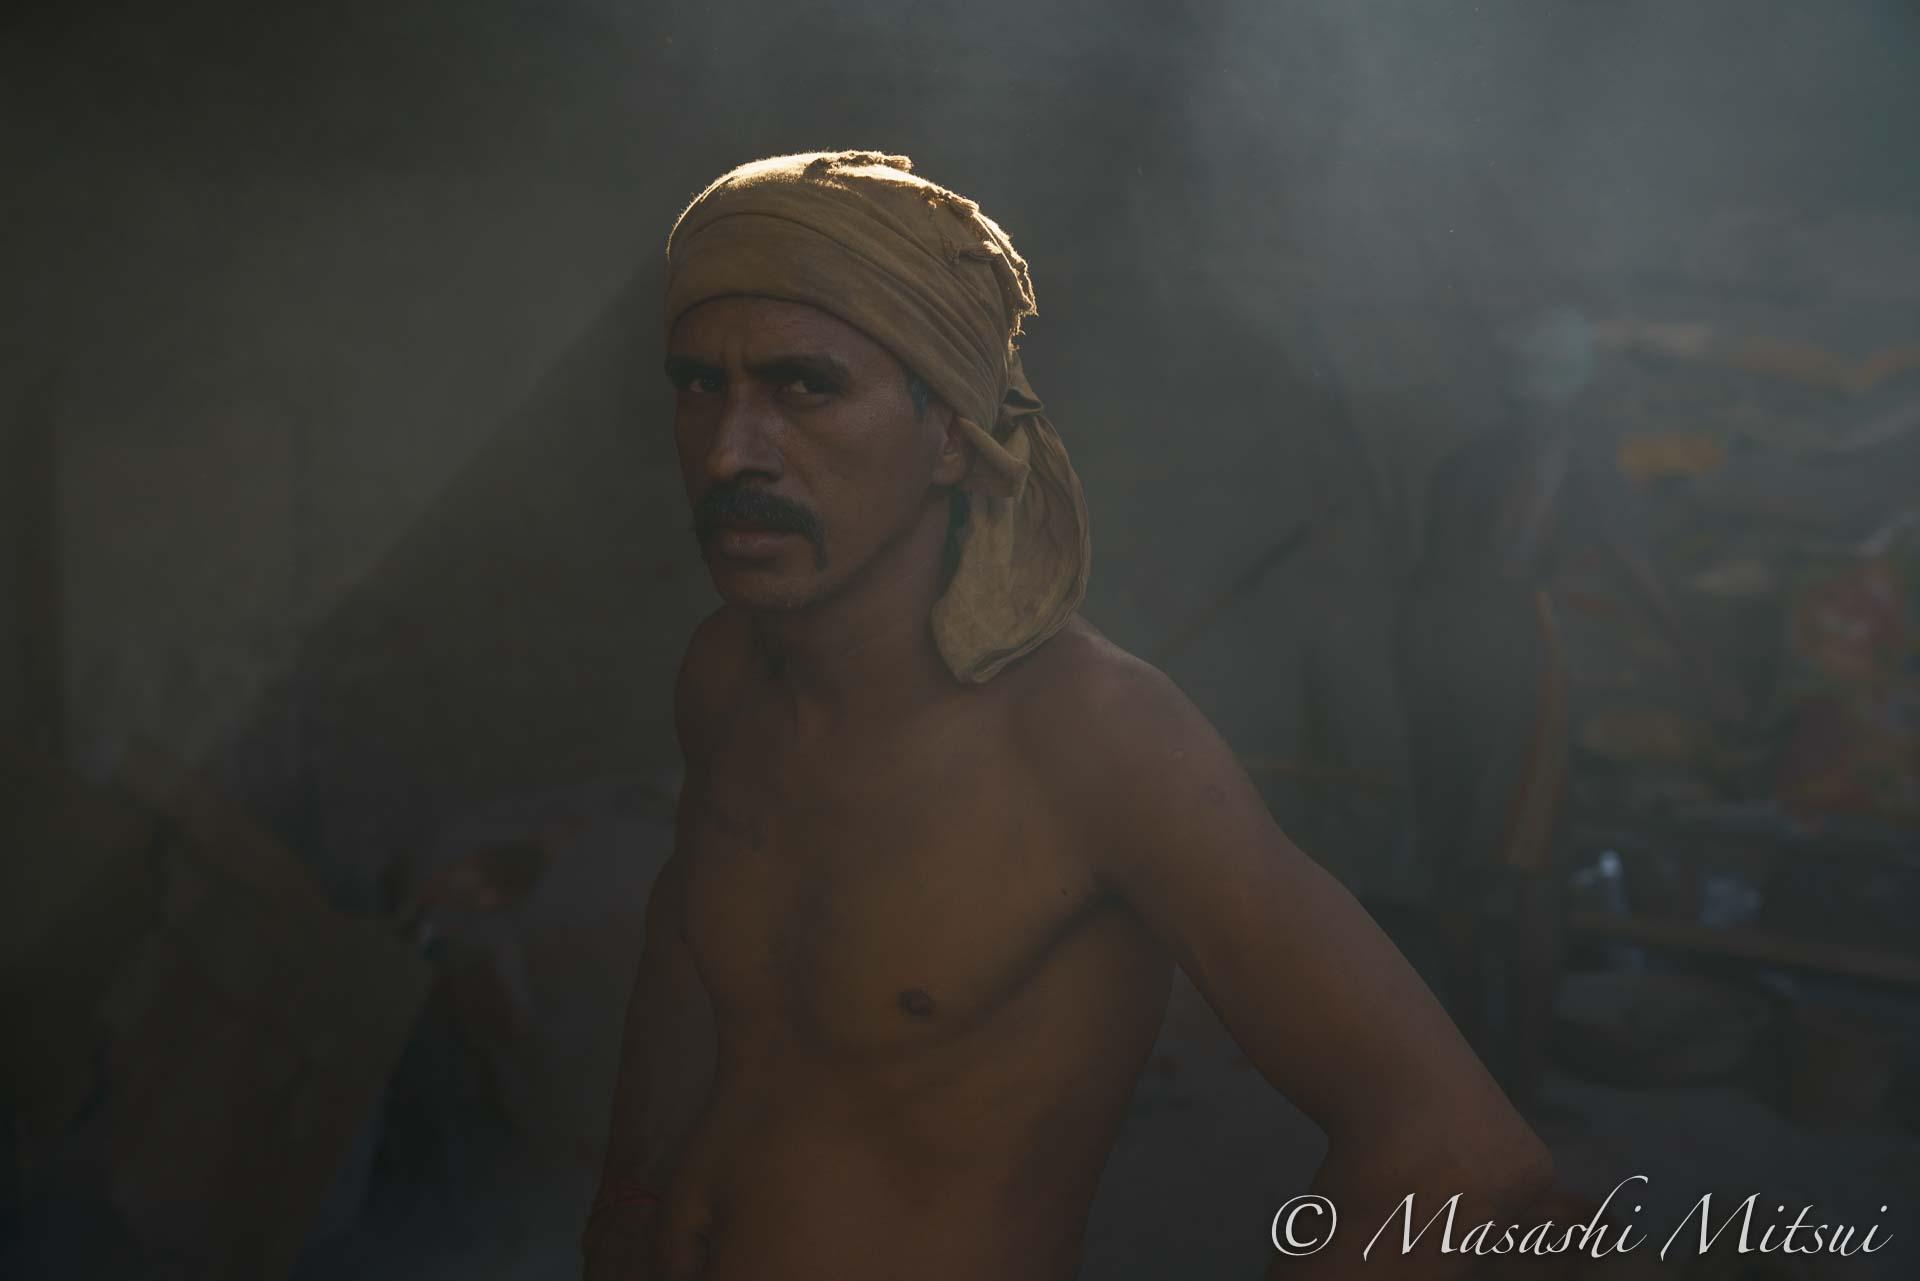 india17-12226